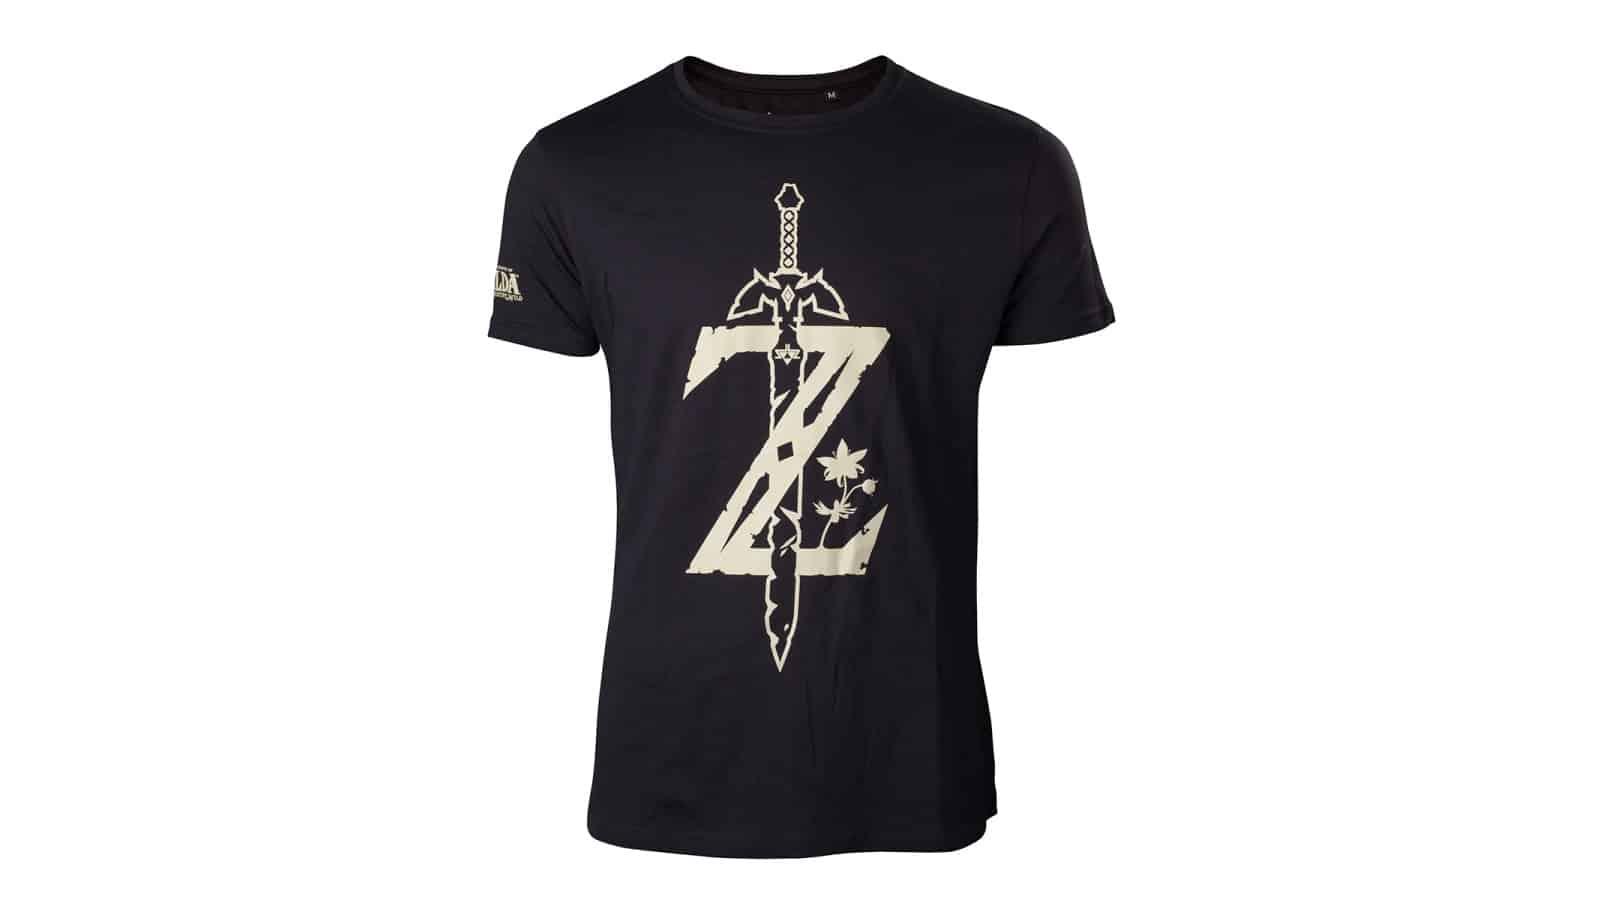 חולצה - זלדה Z עם חרב - שחור